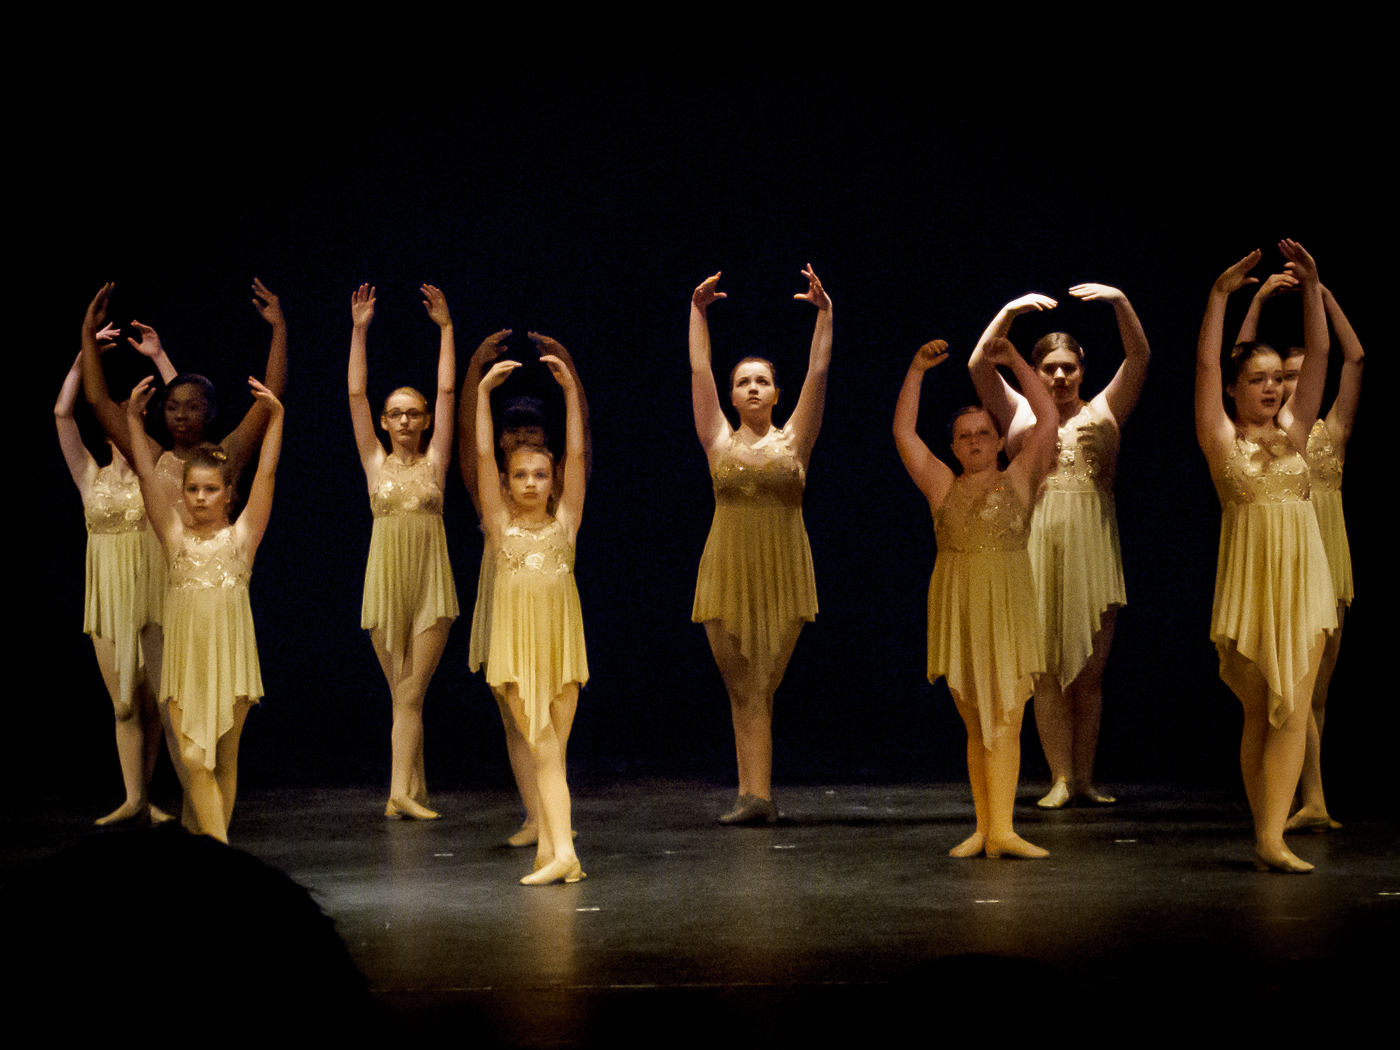 The Dance - in very poor light...